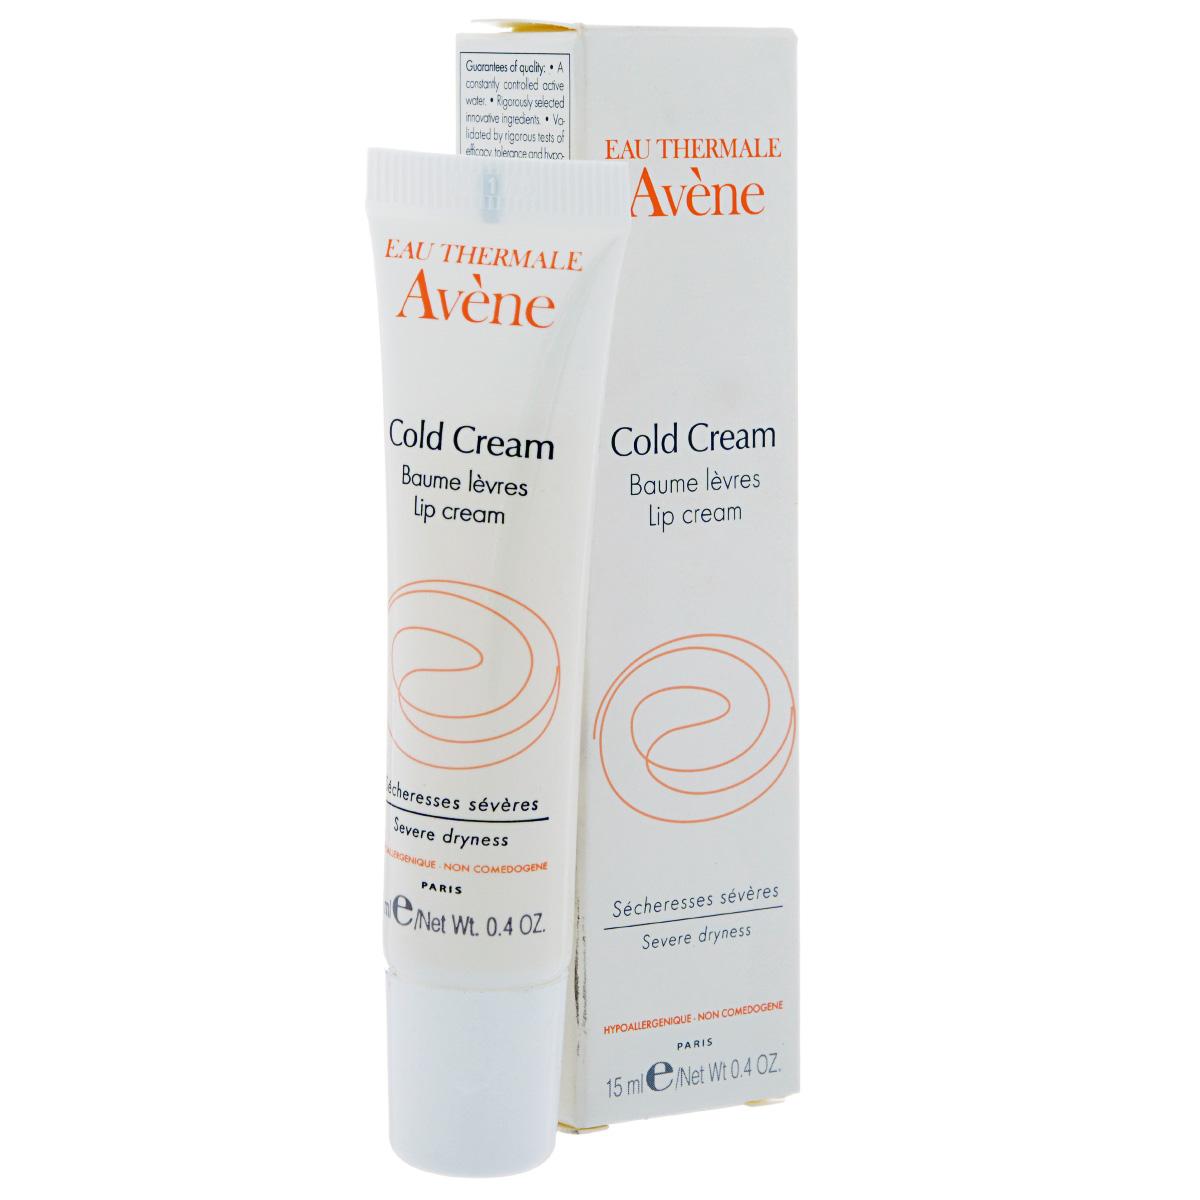 Avene Бальзам для губ Cold-cream с колд-кремом 15 гC25487Благодаря тщательно разработанному составу Бальзам Авен с колд-кремом успокаивает, смягчает и надолго защищает губы, покрывая их специальной липидной пленкой. Она прекрасно увлажняет и питает, а также идеально восстанавливает потрескавшиеся или обветренные губы.